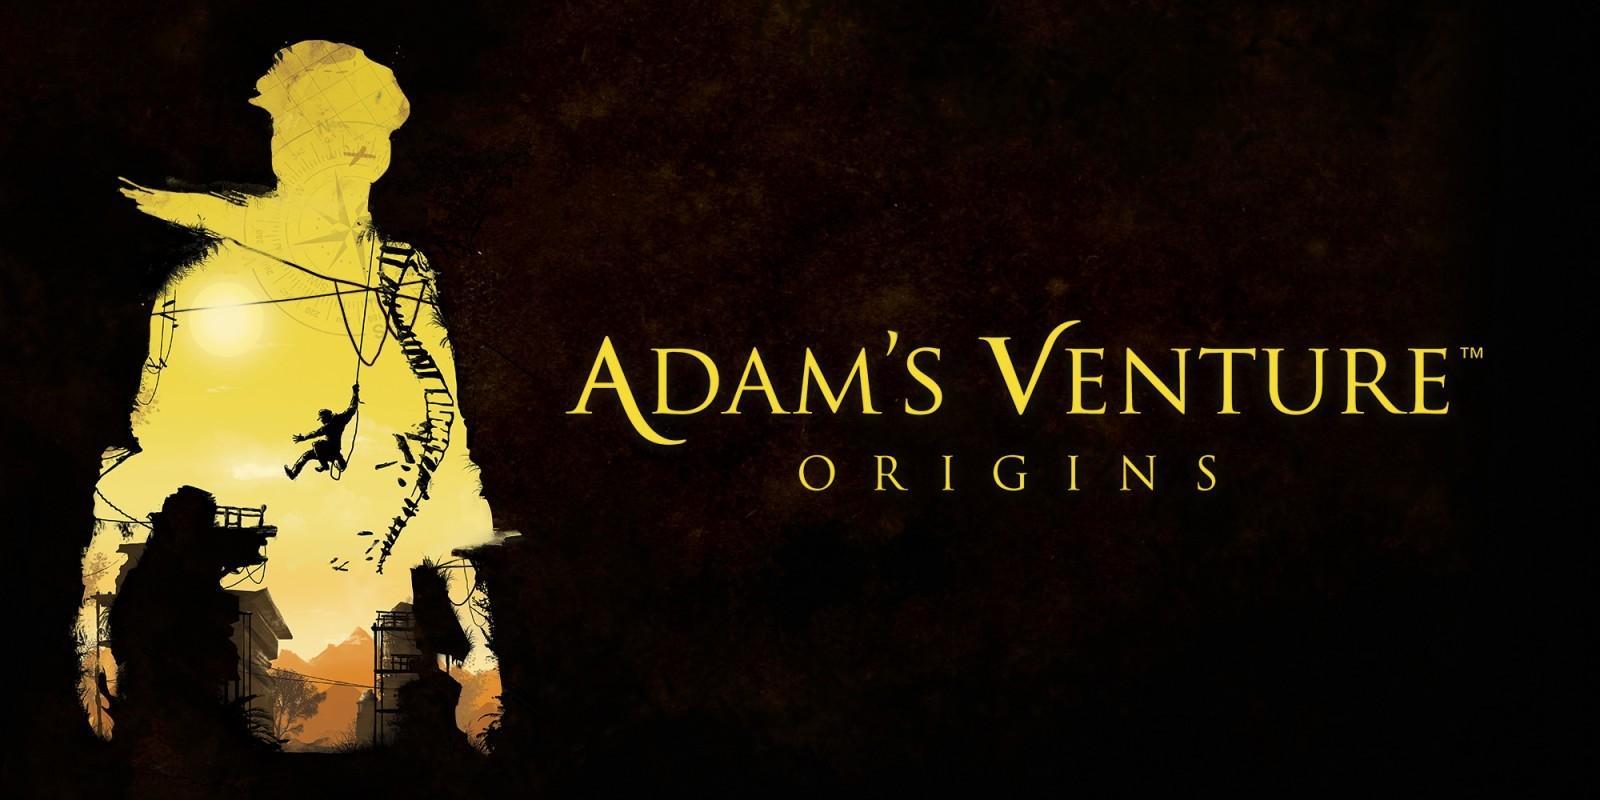 Внимание, конкурс! Разыгрываем 5 копий приключения Adam's Venture: Origins 2